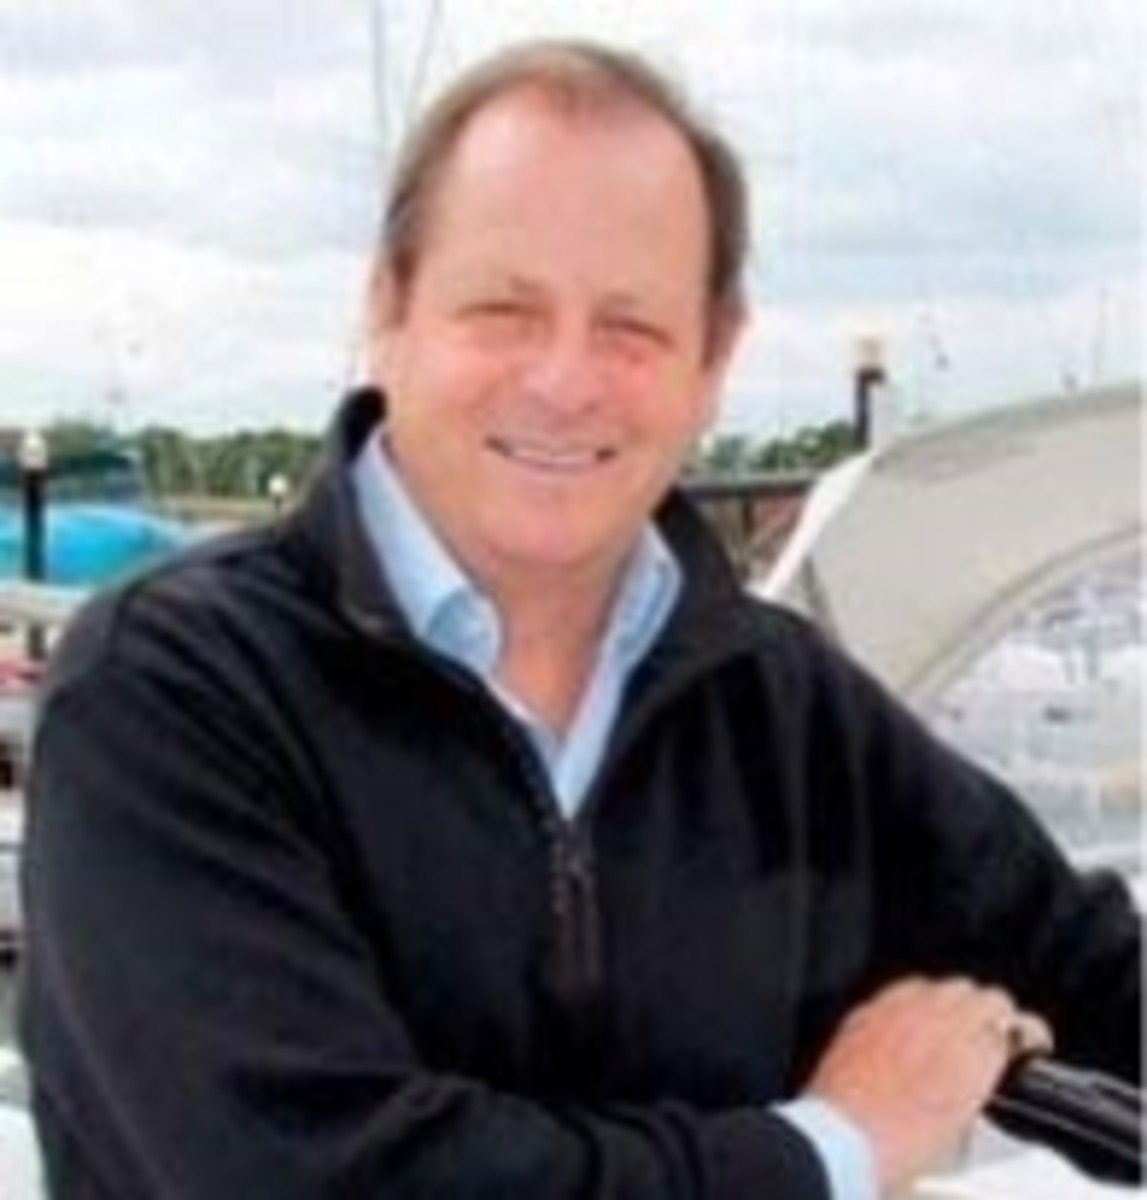 David Tydeman